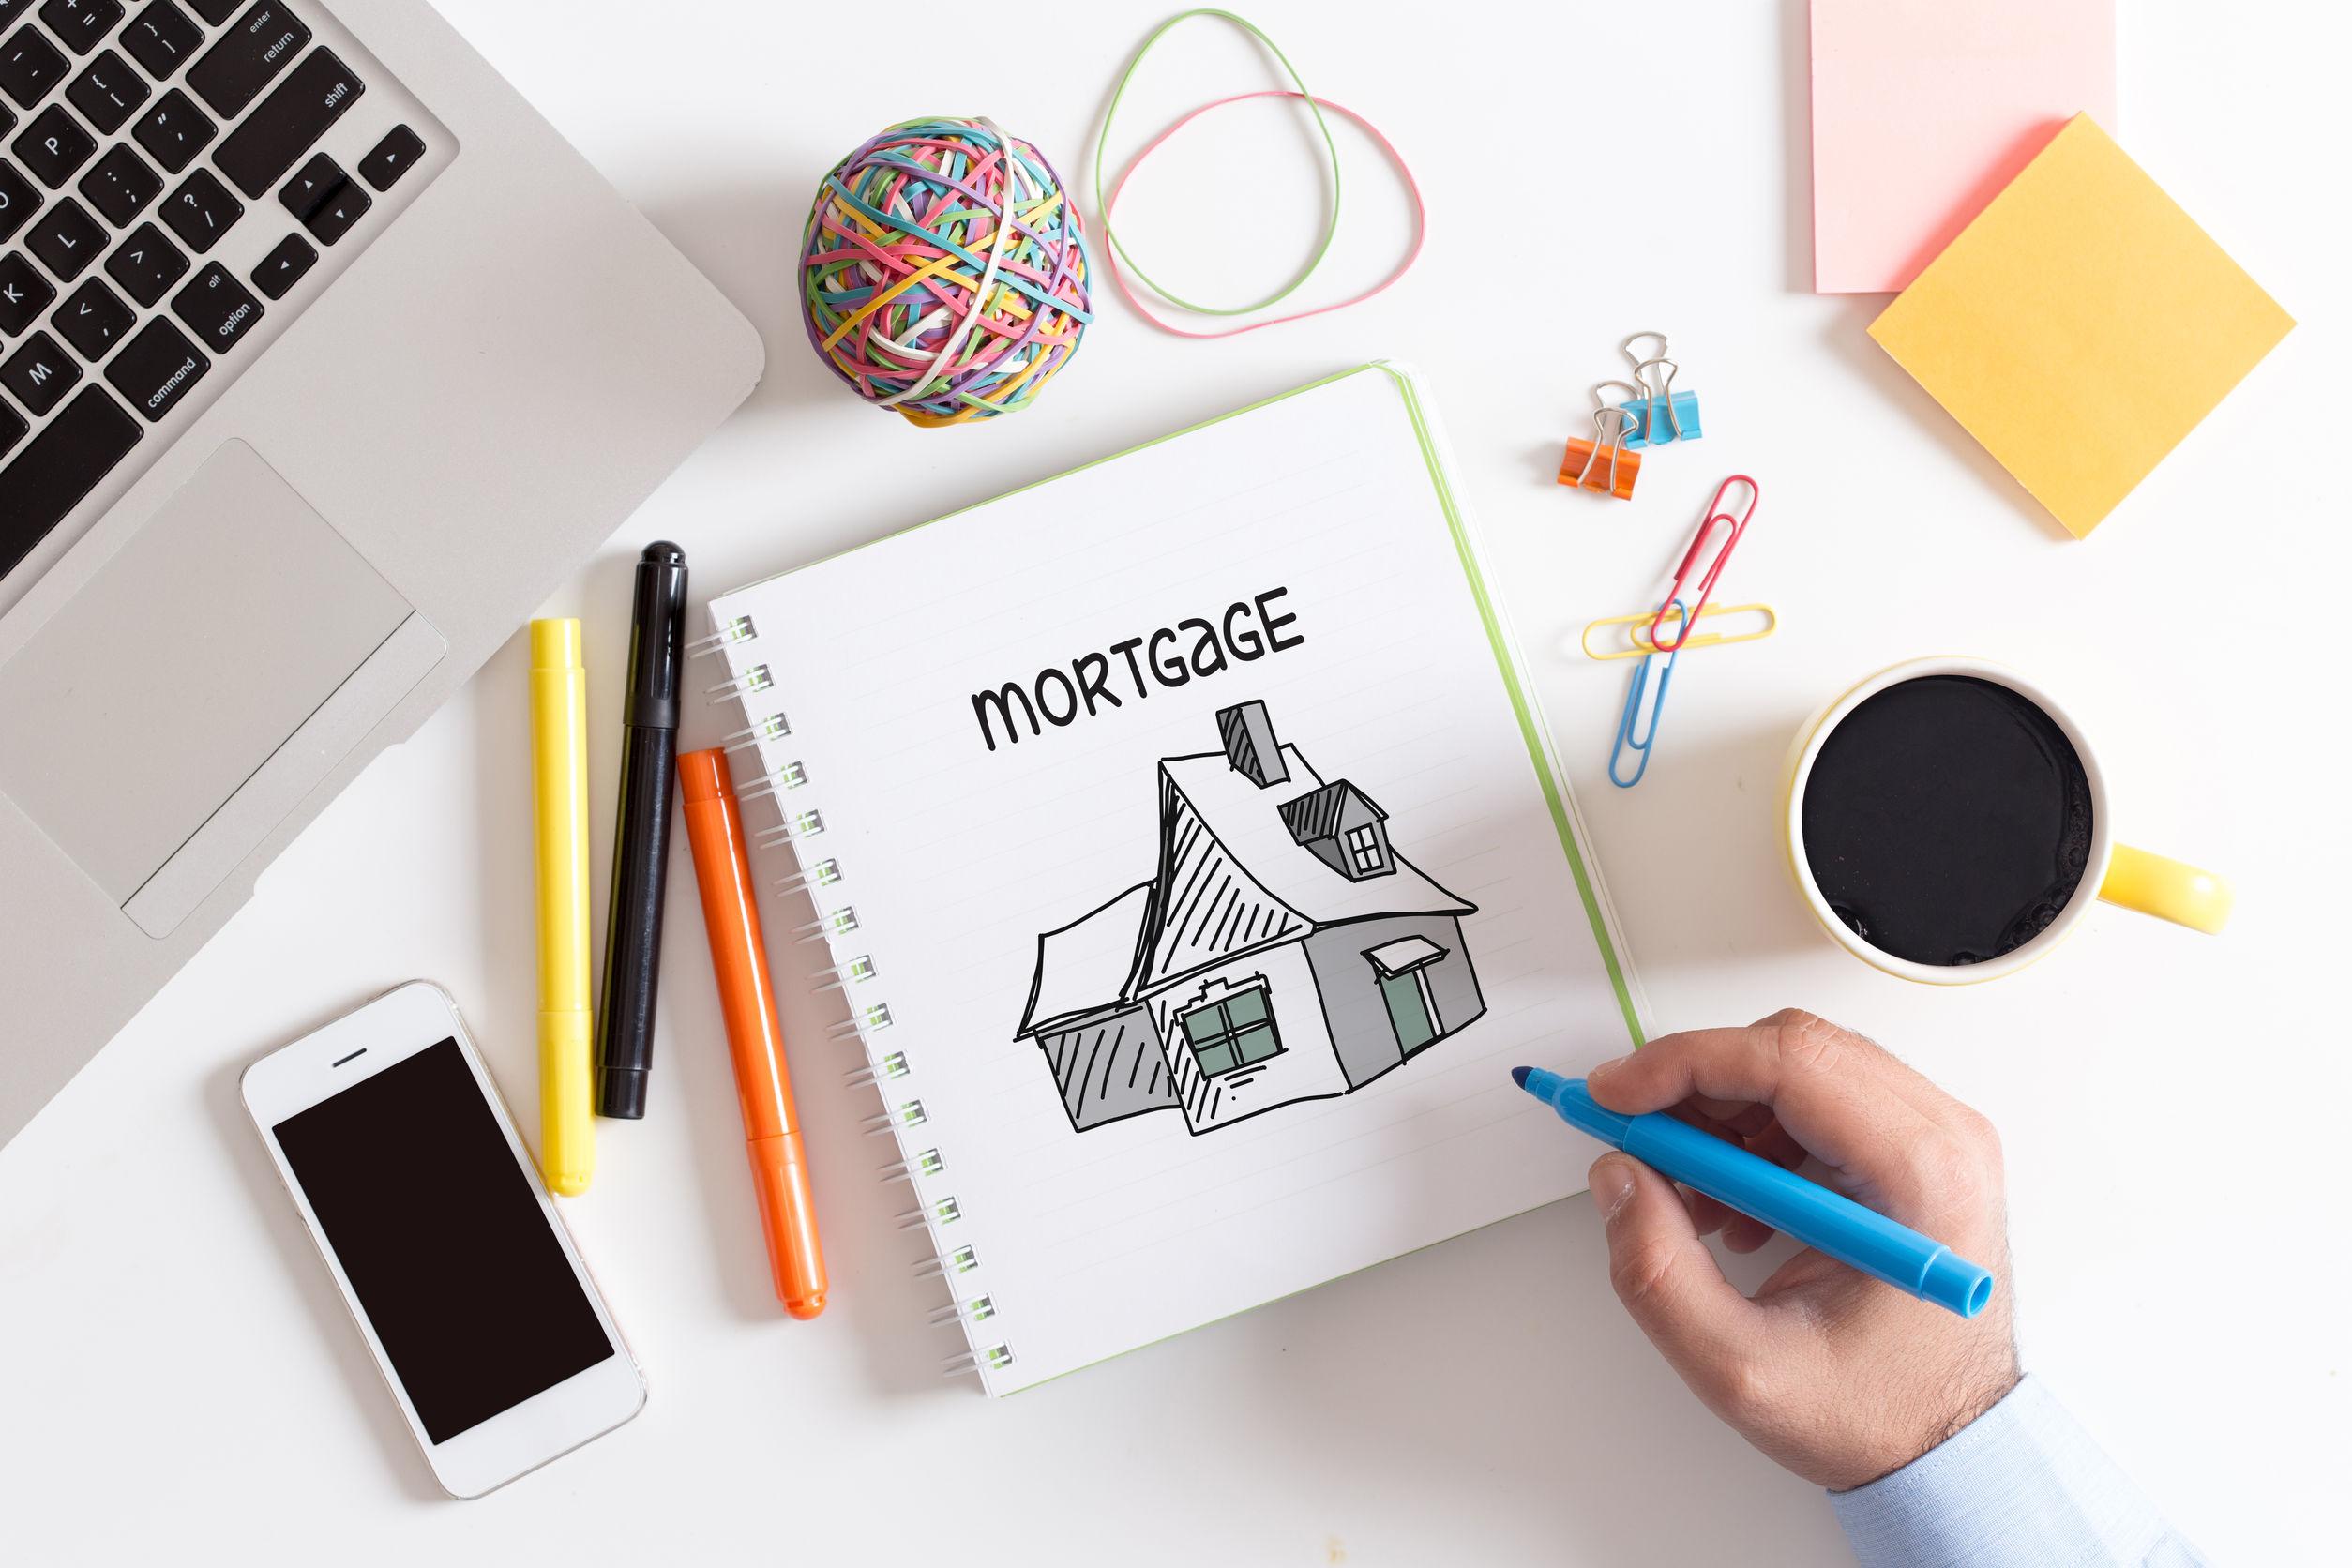 64080098 - mortgage concept